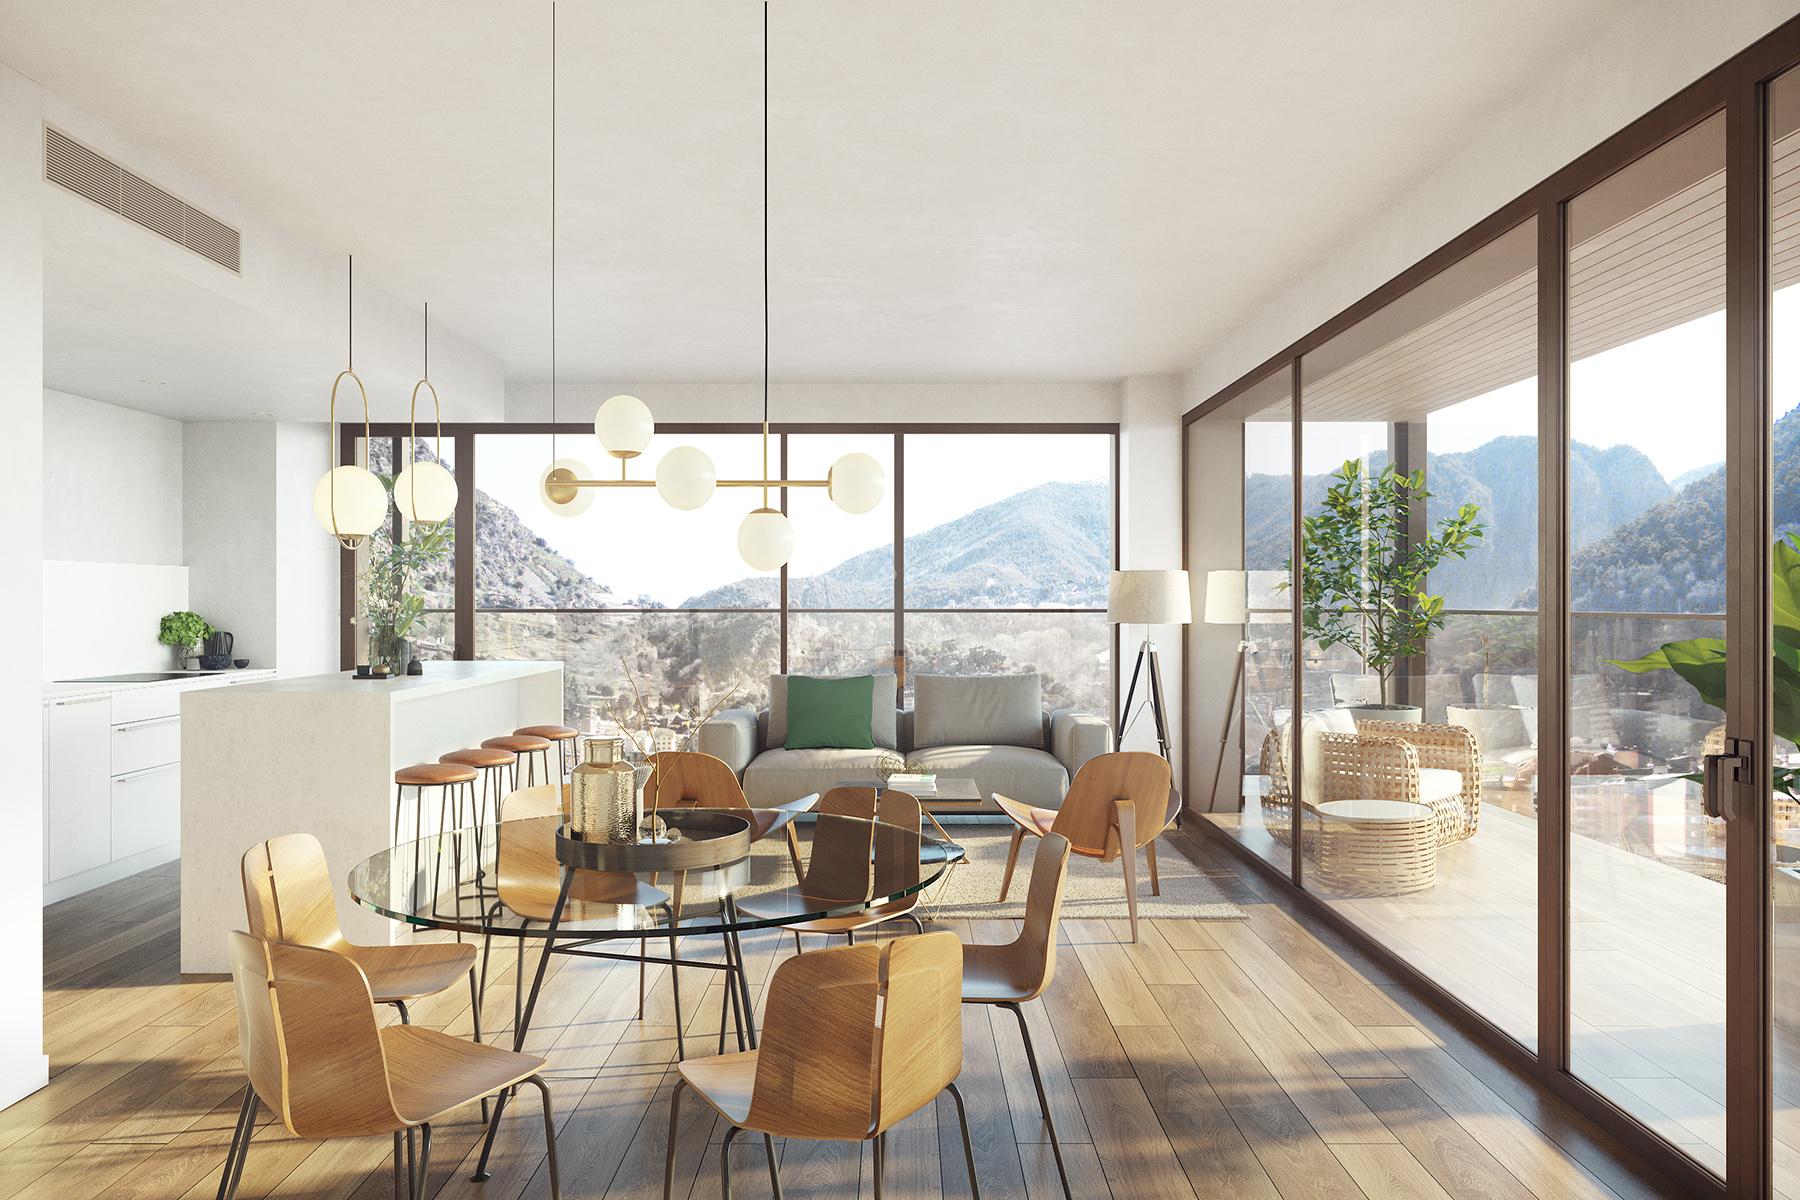 Exclusiu apartament per comprar a Escaldes-Engordany